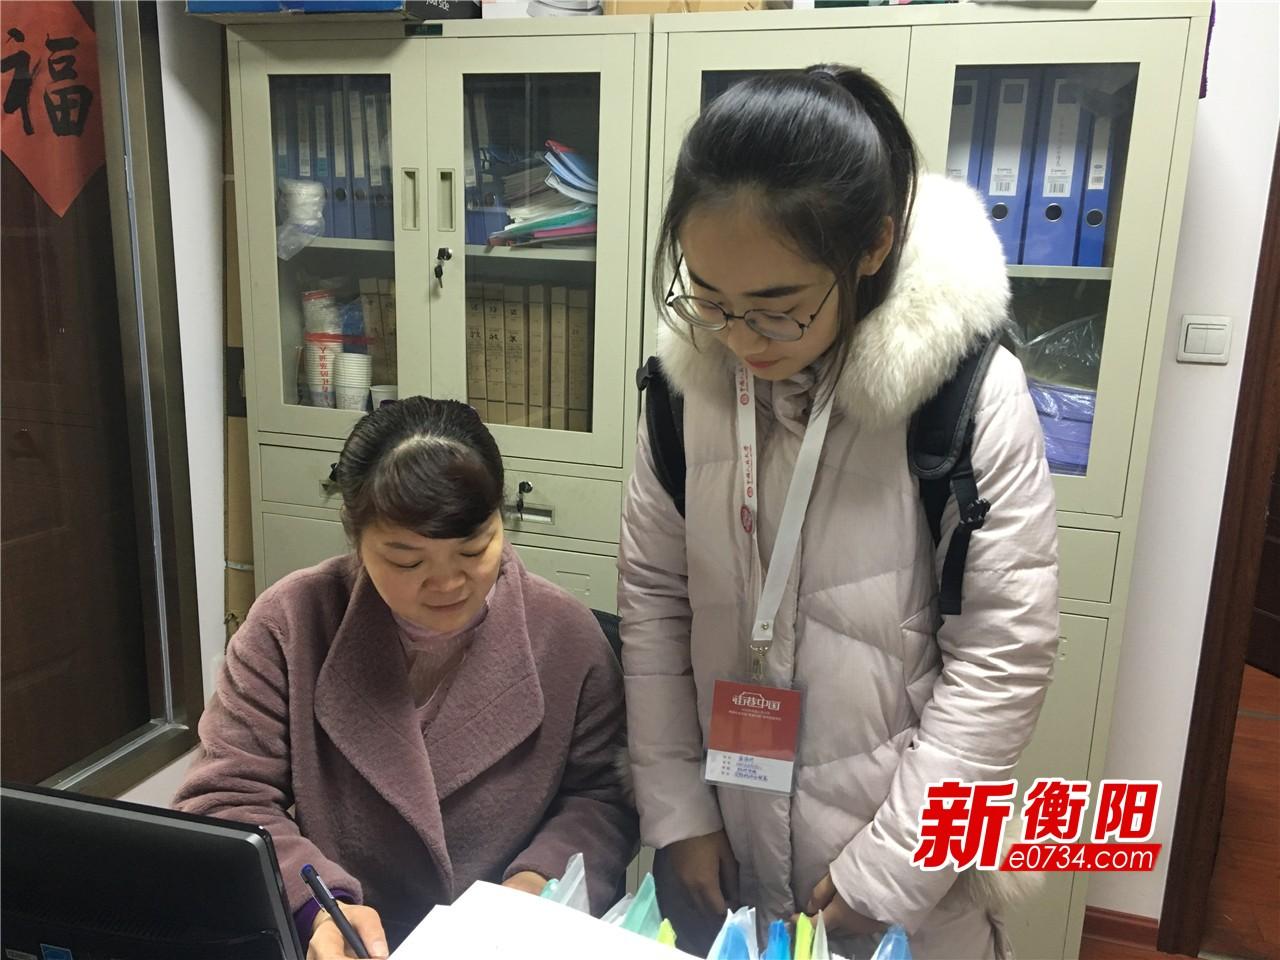 中国人民大学学生在衡阳市街道内开展城市调查